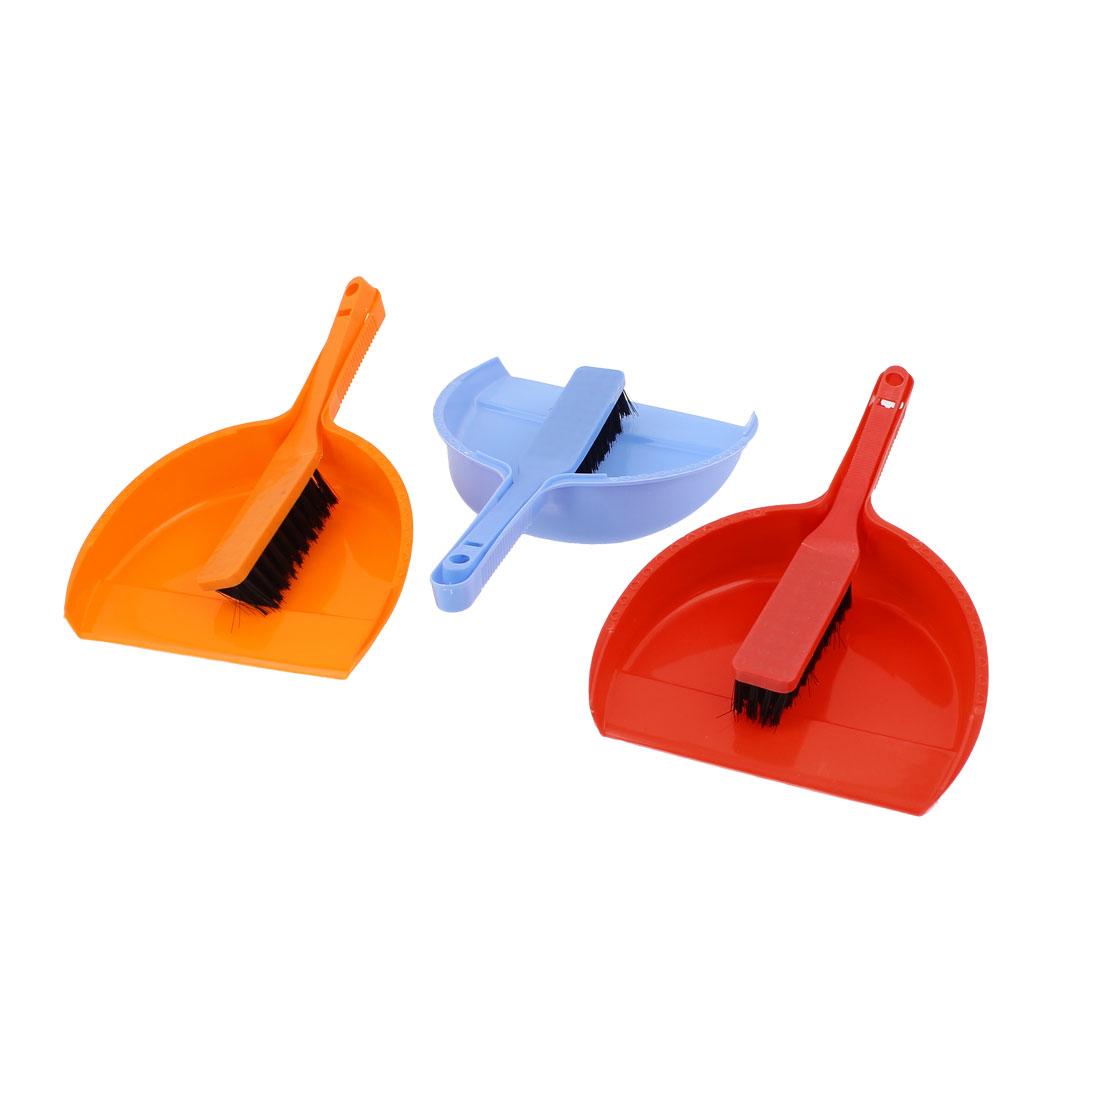 Desk Table Mini Computer Keyboard Brush Dustpan Cleaner Orange Red Blue 3 Sets